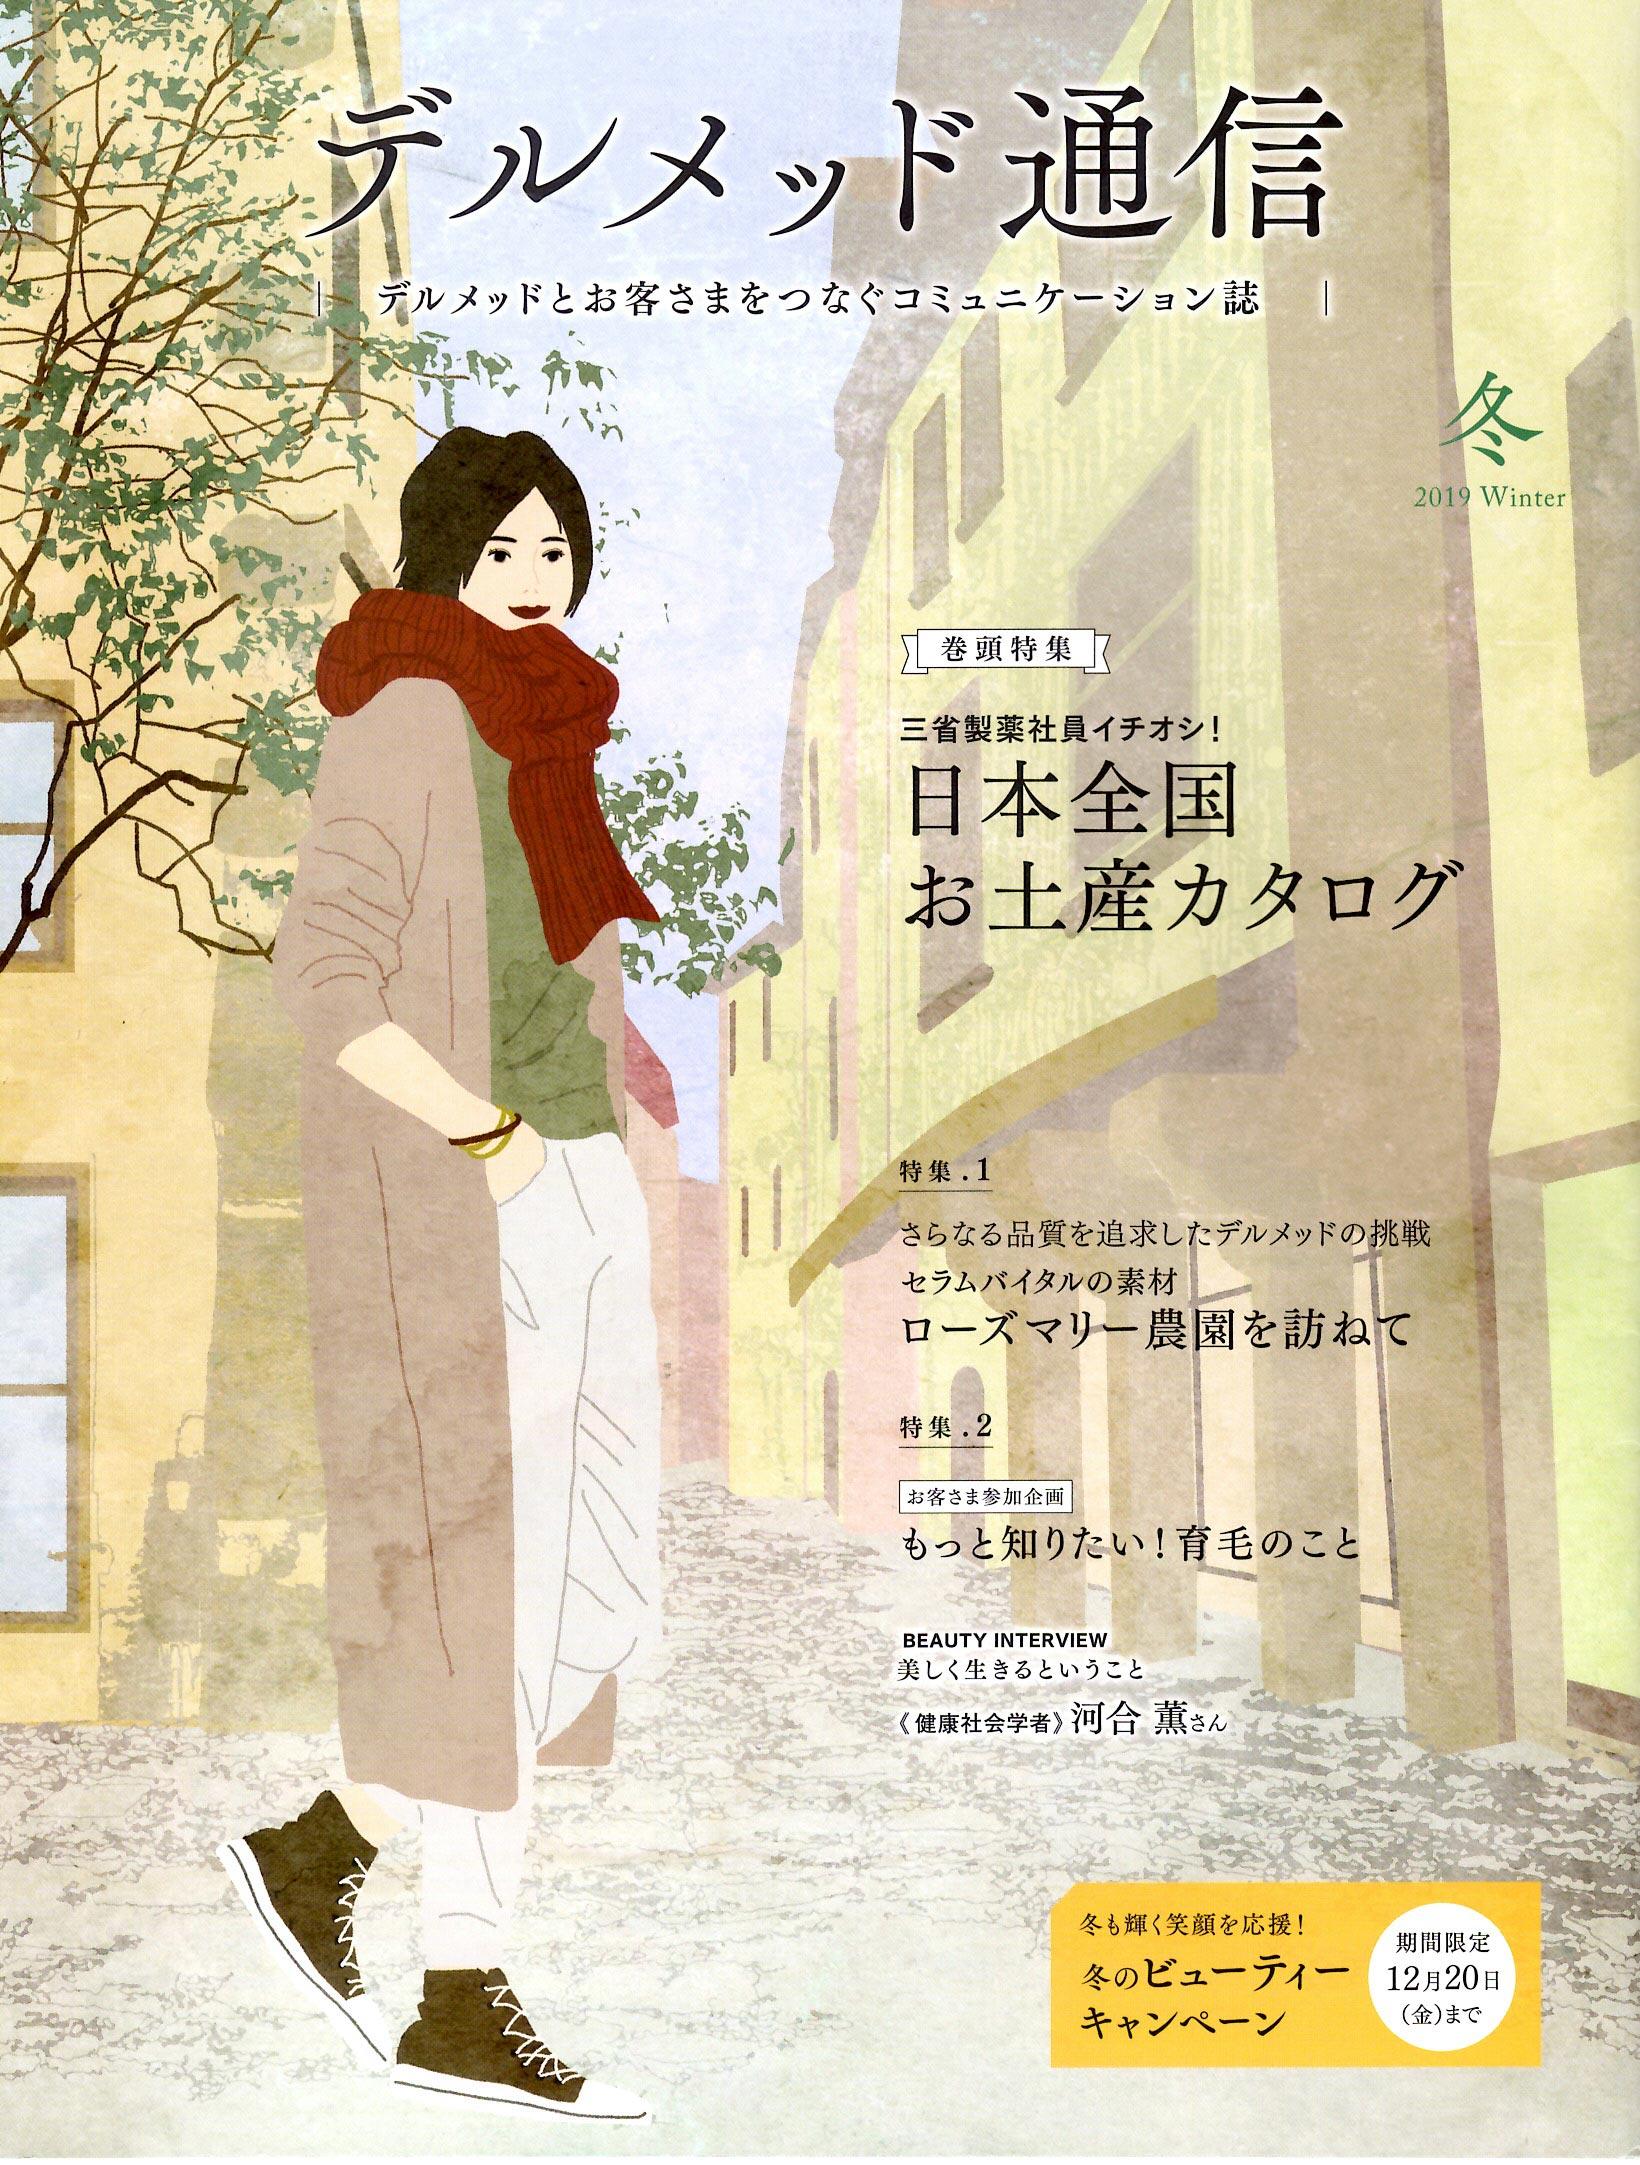 【デルメット通信】2019年11月1日発行